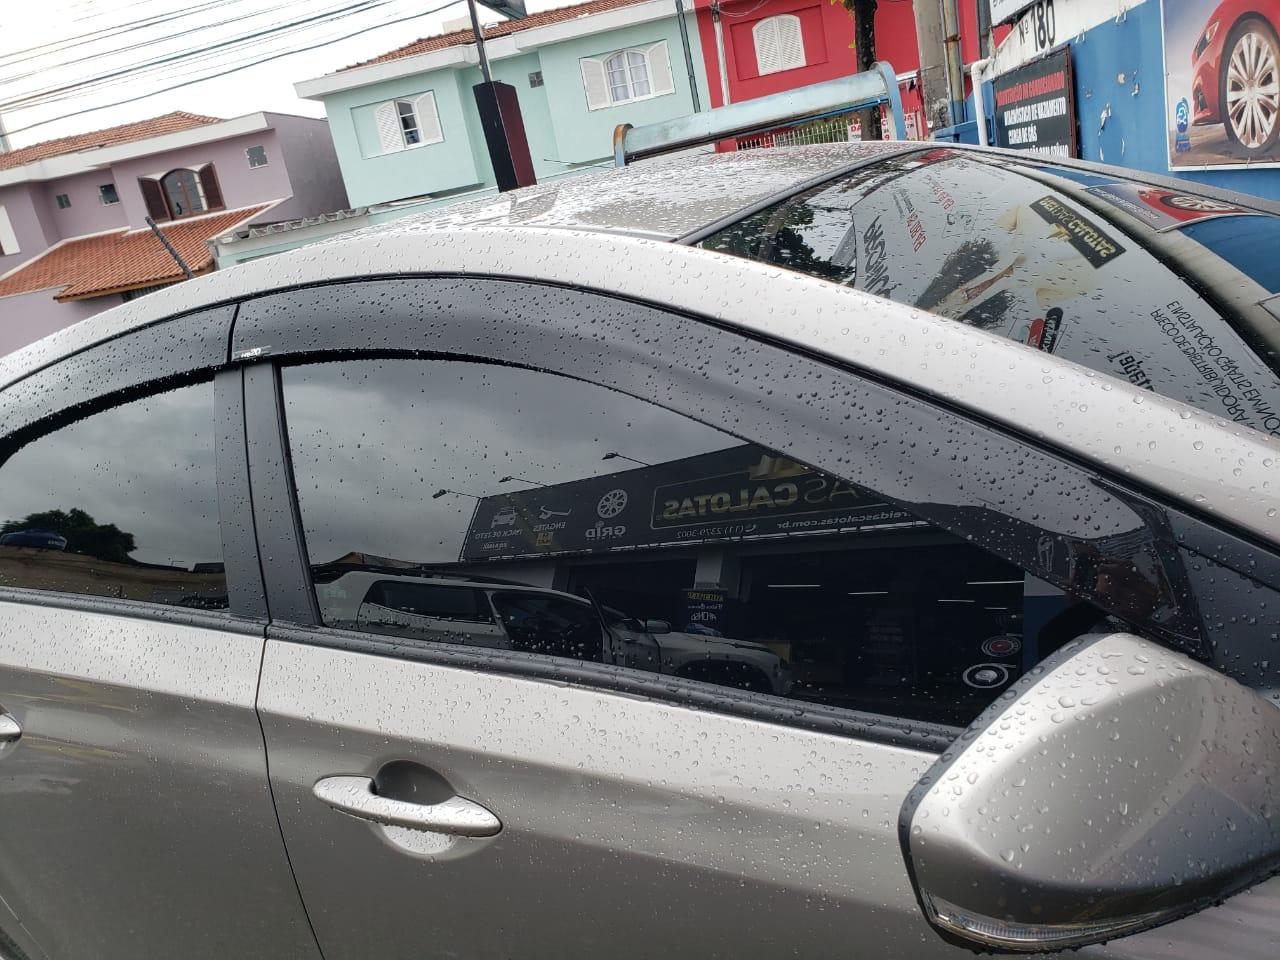 Calha De Chuva Hyundai HB20 Hatch 2019 Escrita Em Alto Relevo  - Rei das Calotas